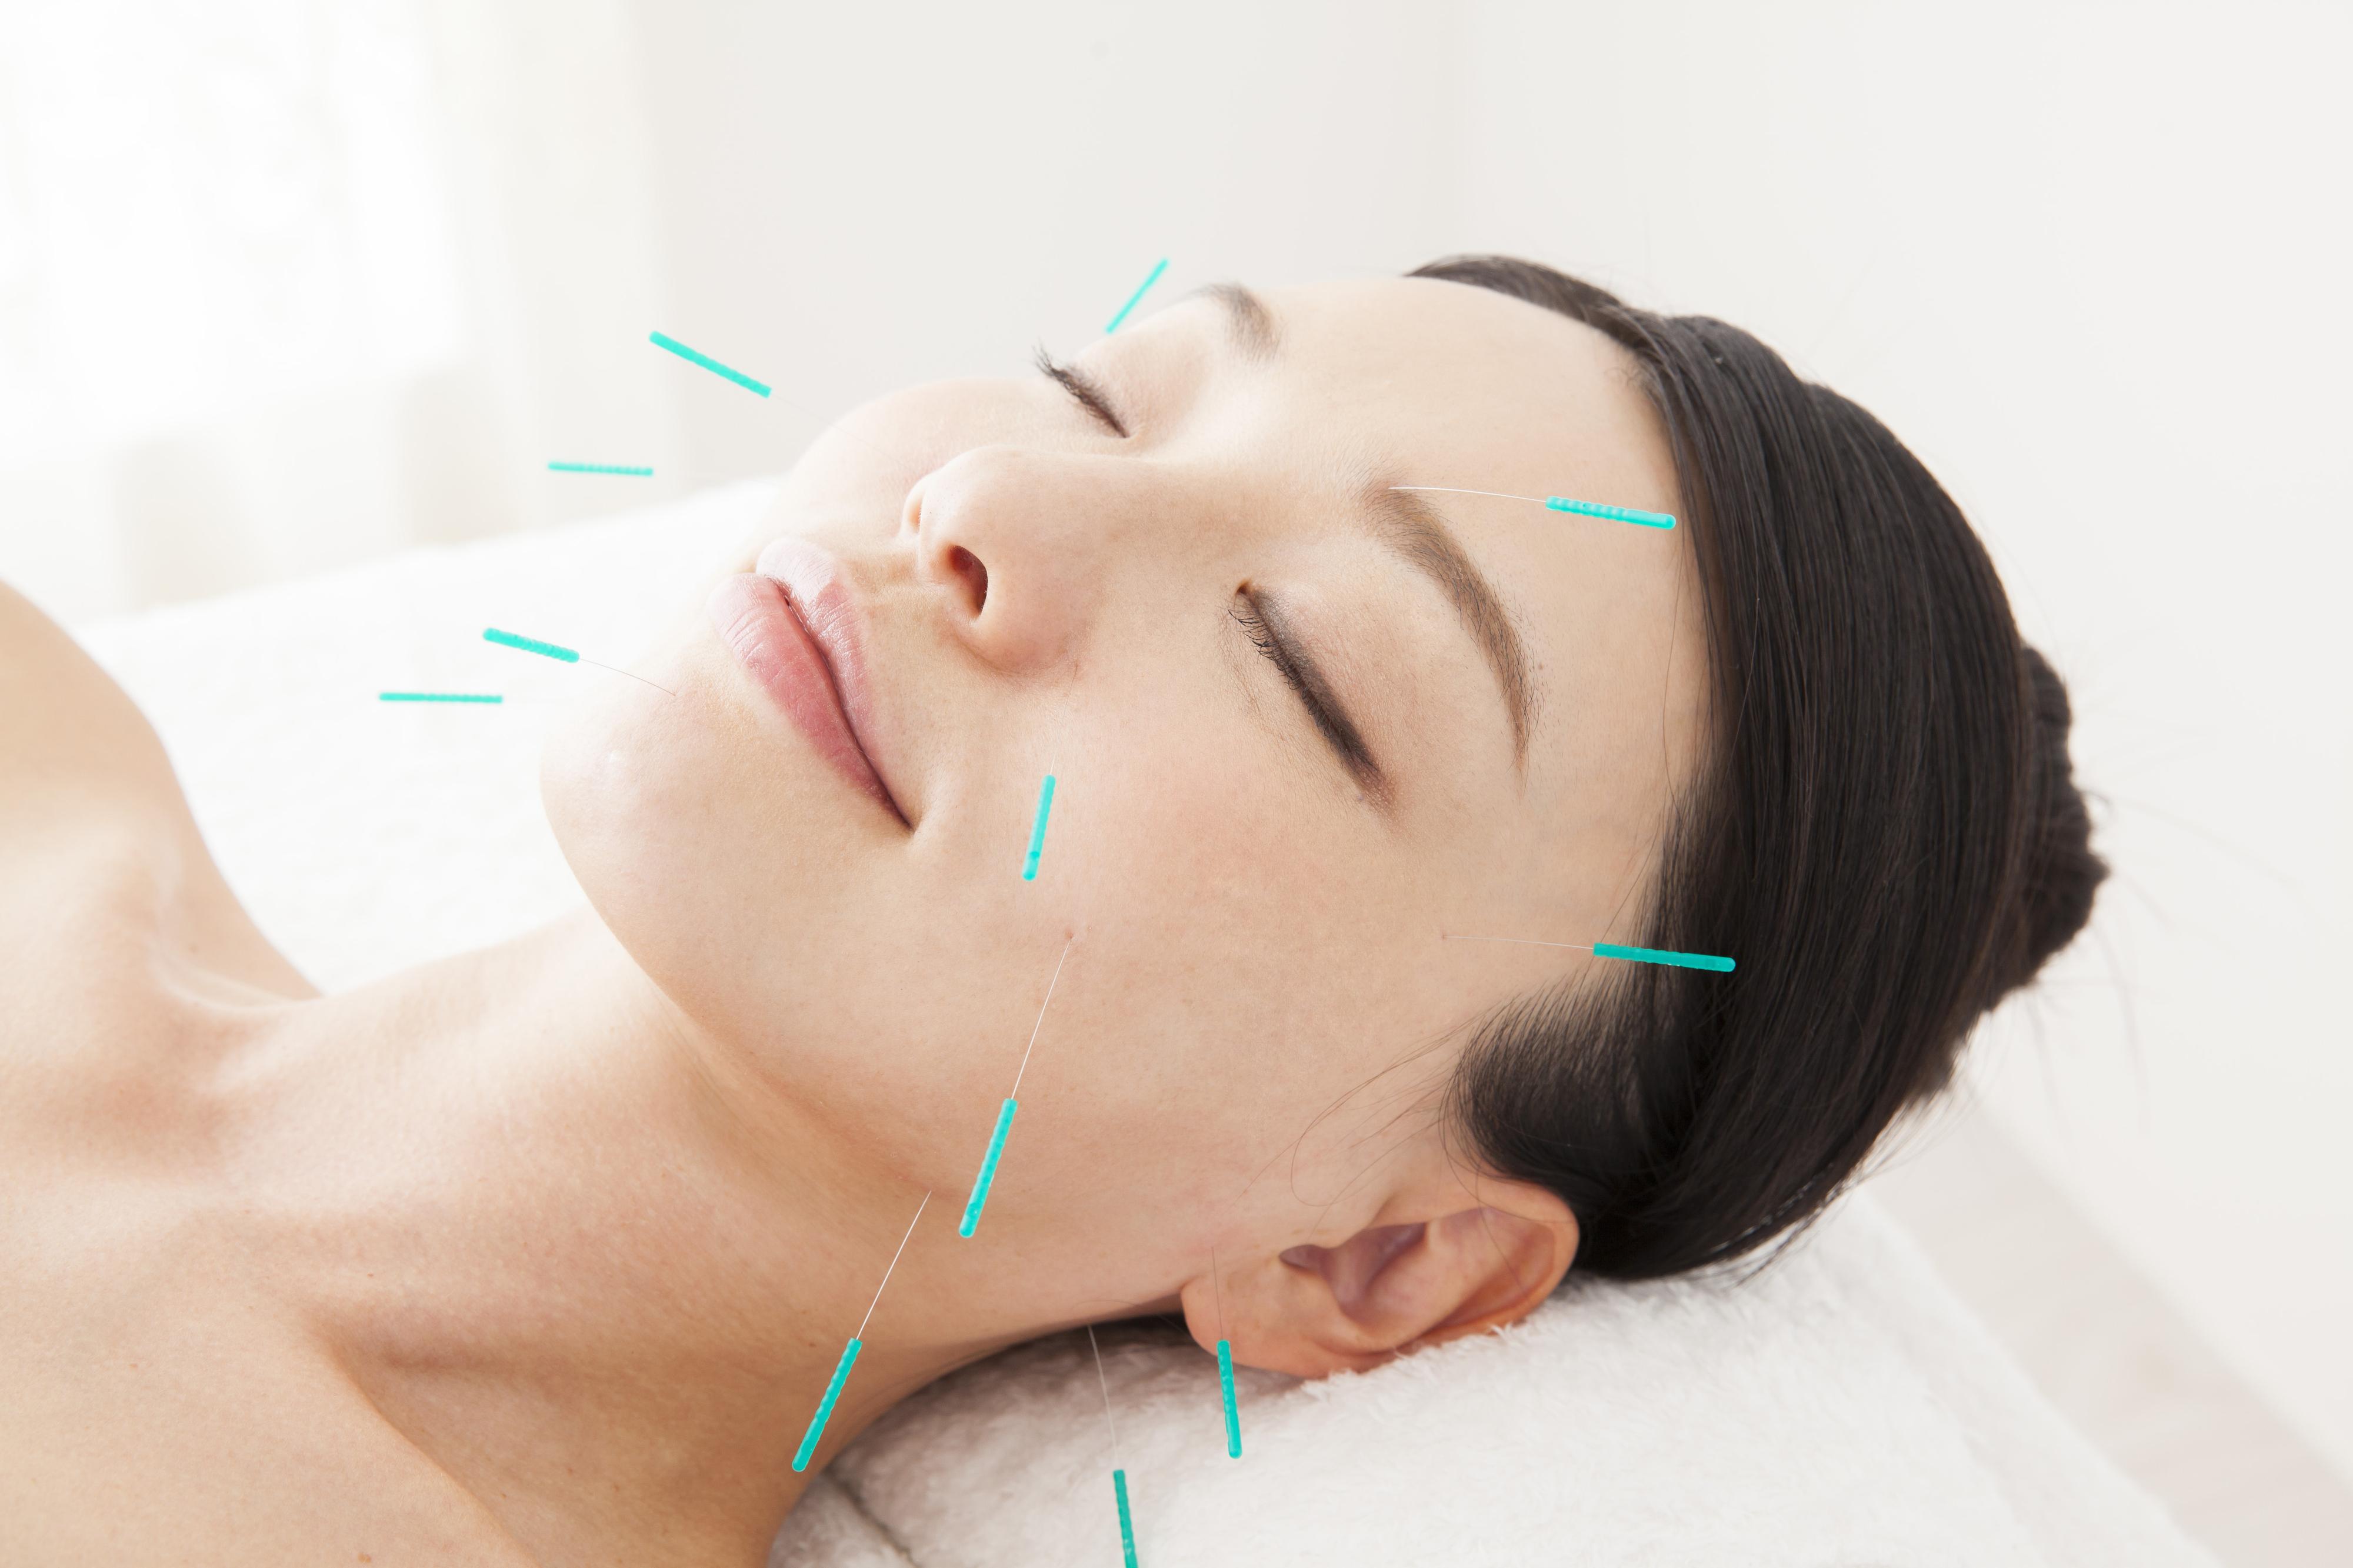 アンチエイジング専門の美容鍼|公式【岡崎市のいお鍼灸接骨院】